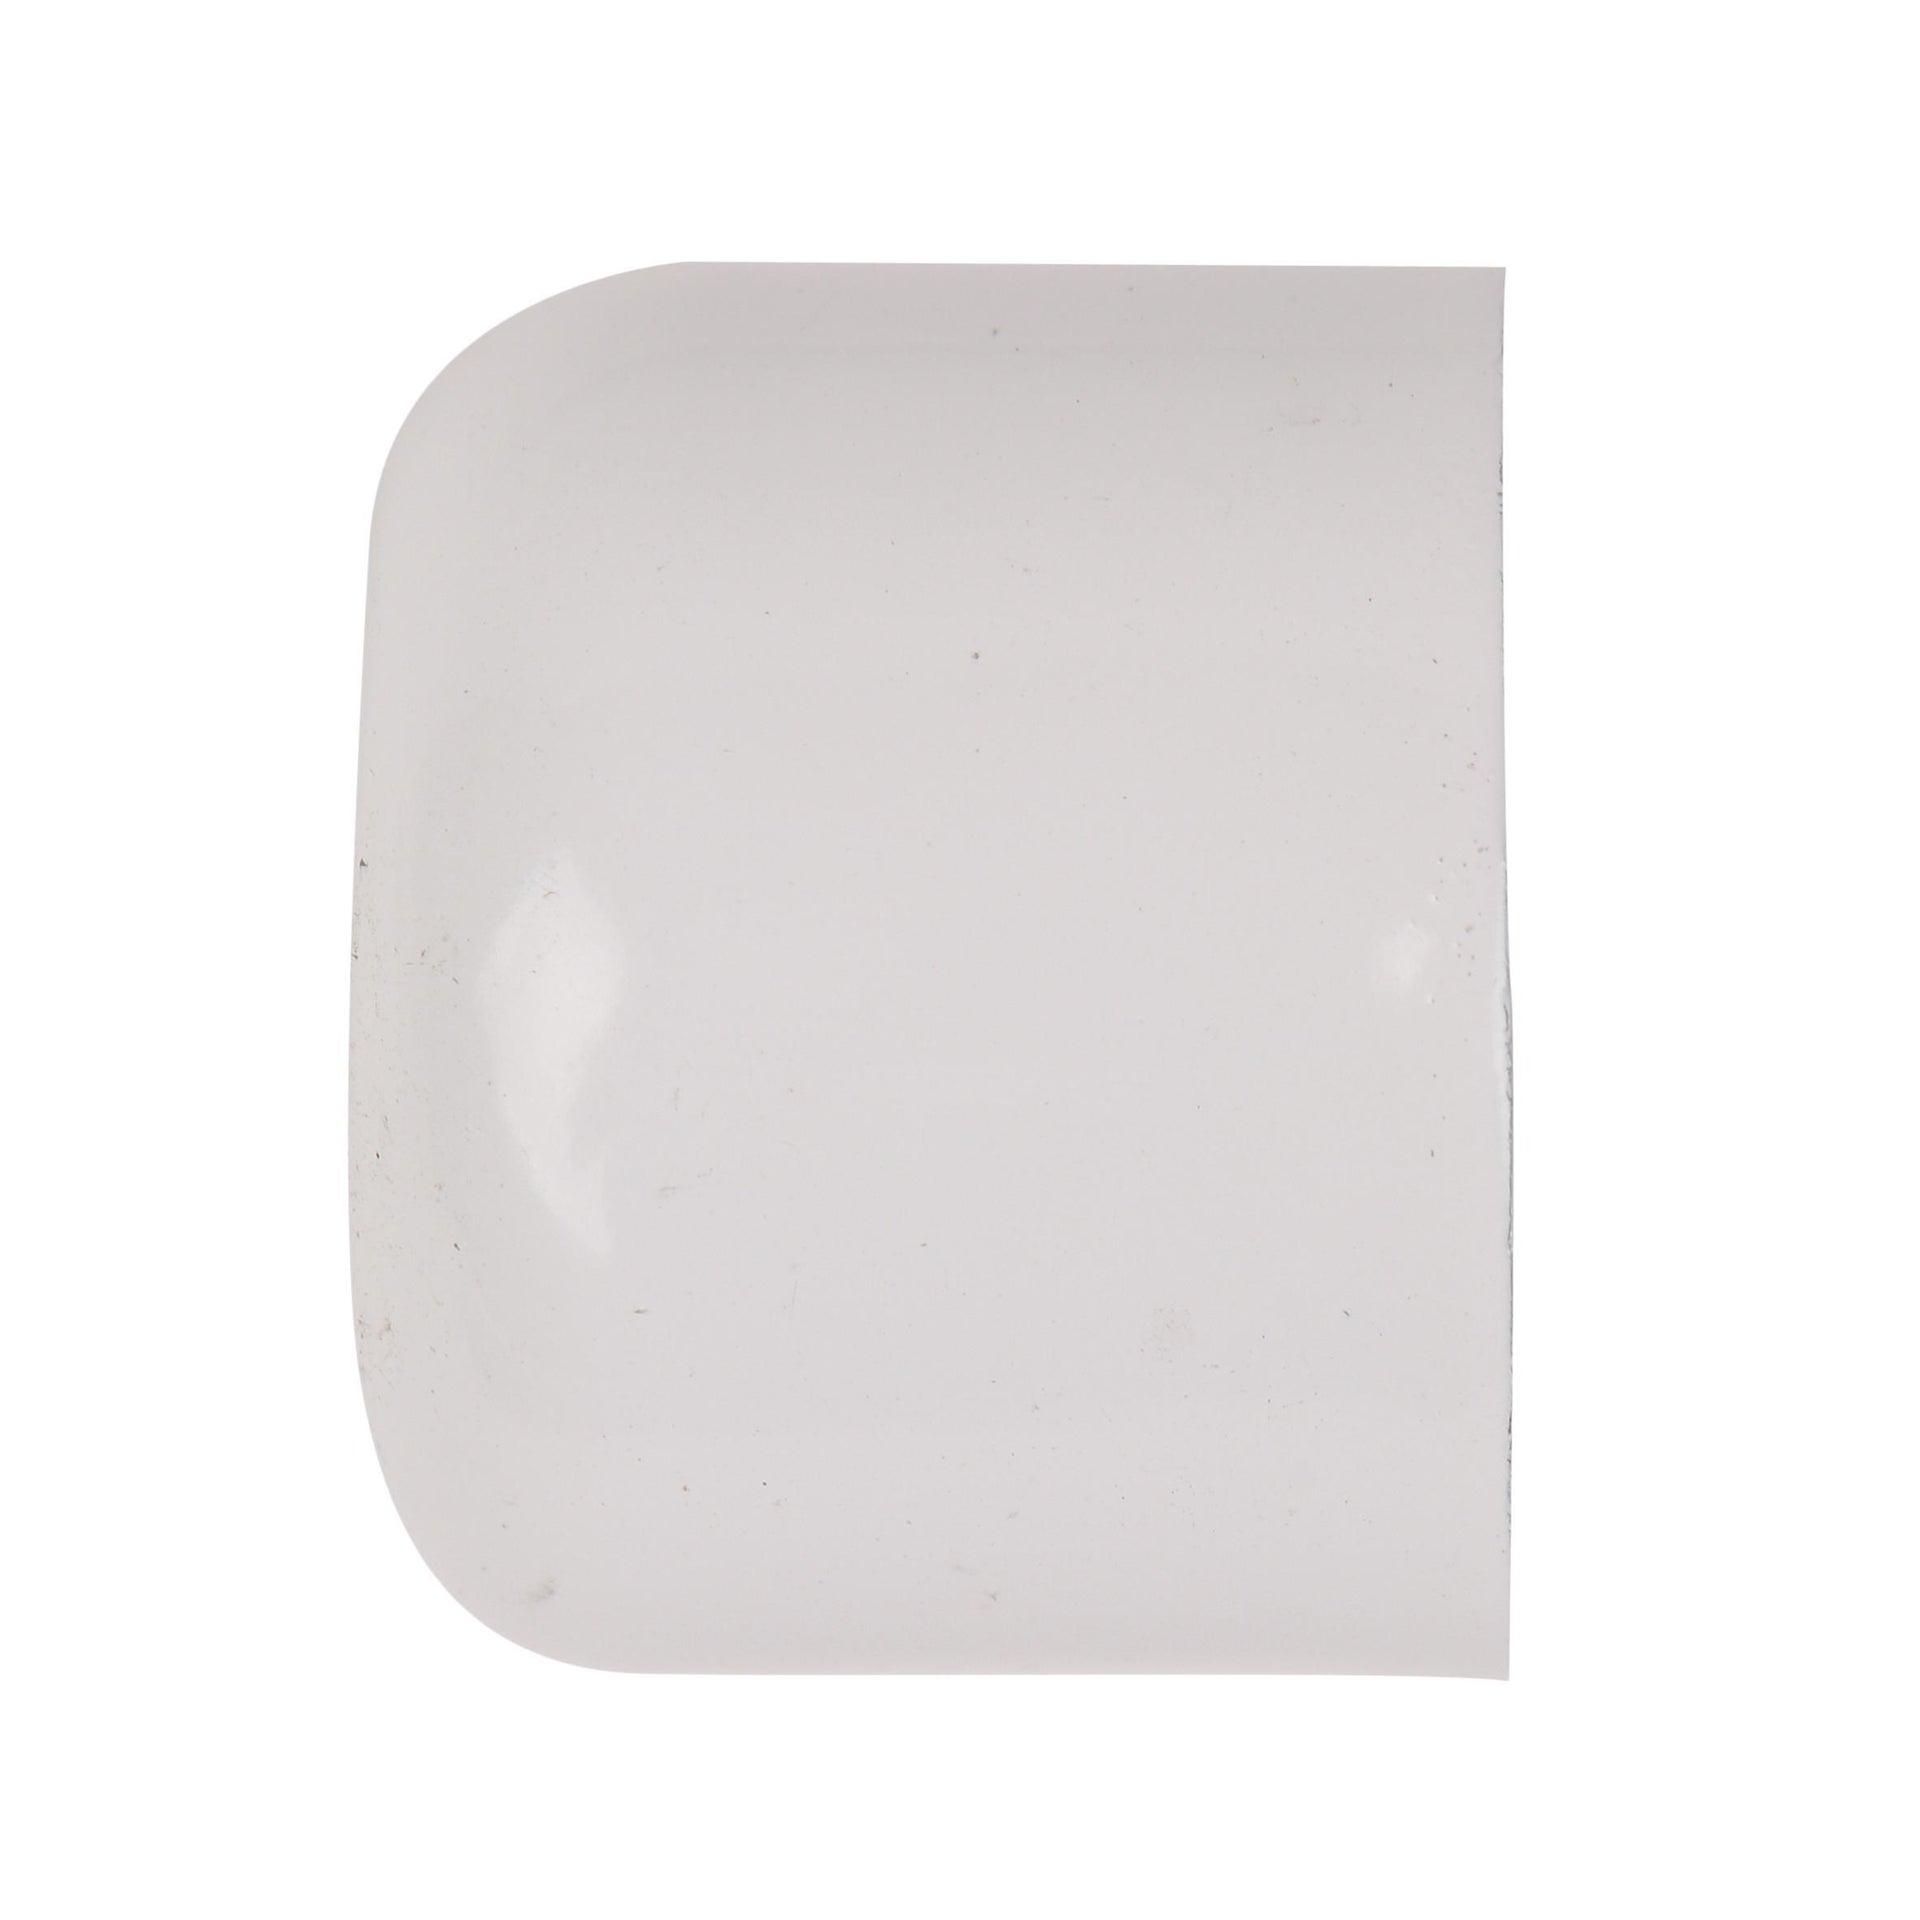 Finale per bastone Nilo tappo in metallo Ø20mm bianco lucido INSPIRE Set di 2 pezzi - 4